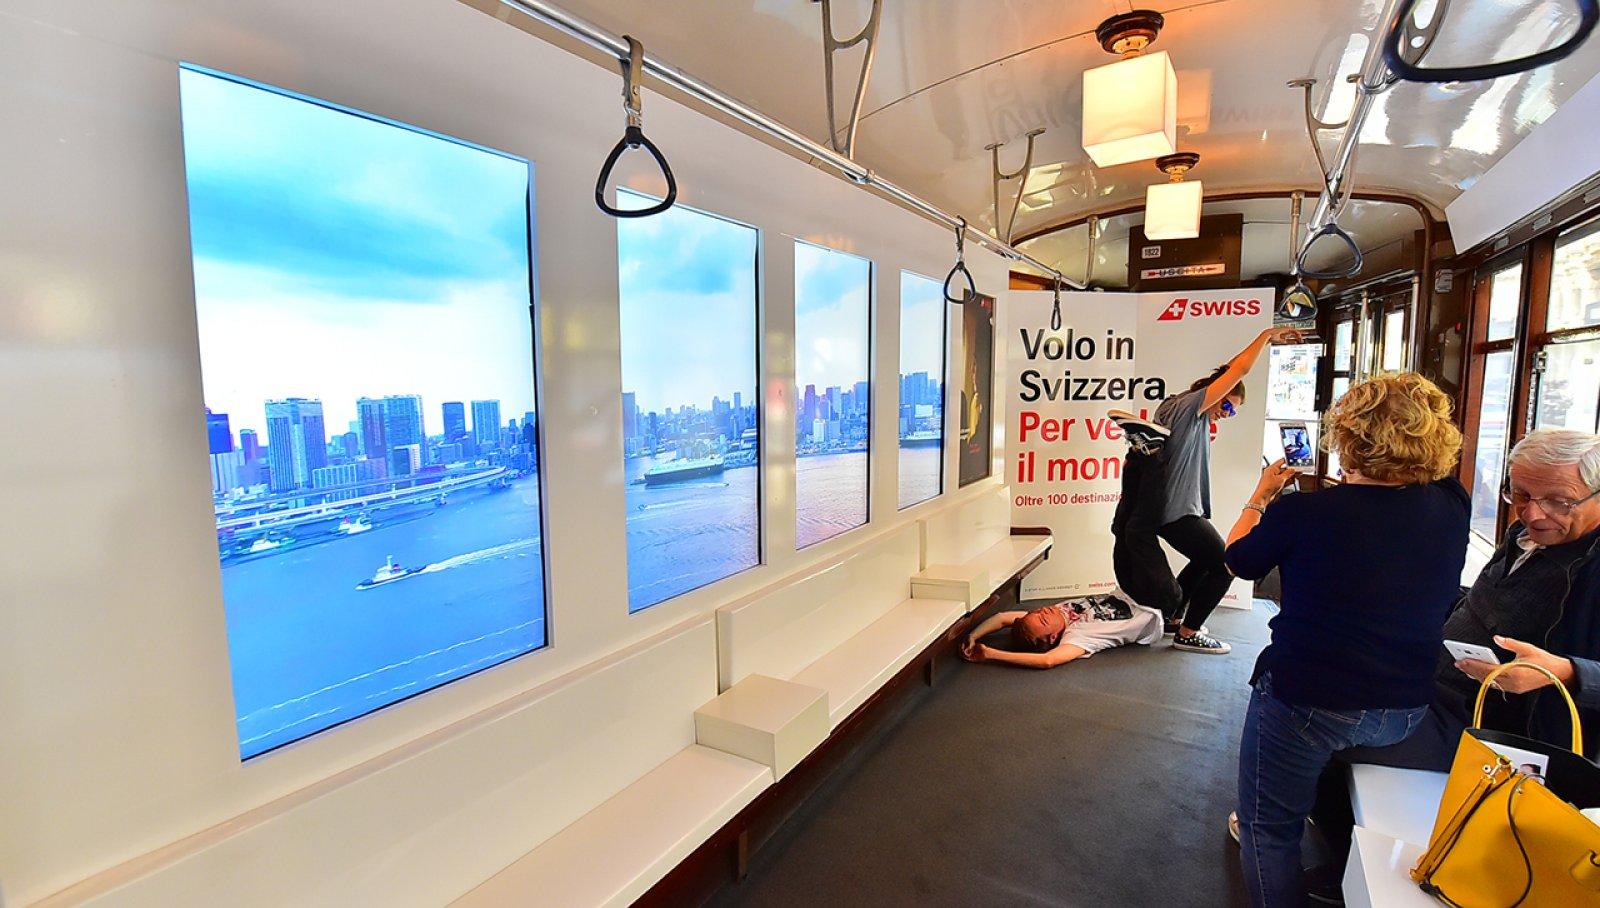 Pubblicità sui tram Milano IGPDecaux tram speciale per Swiss International Airlines